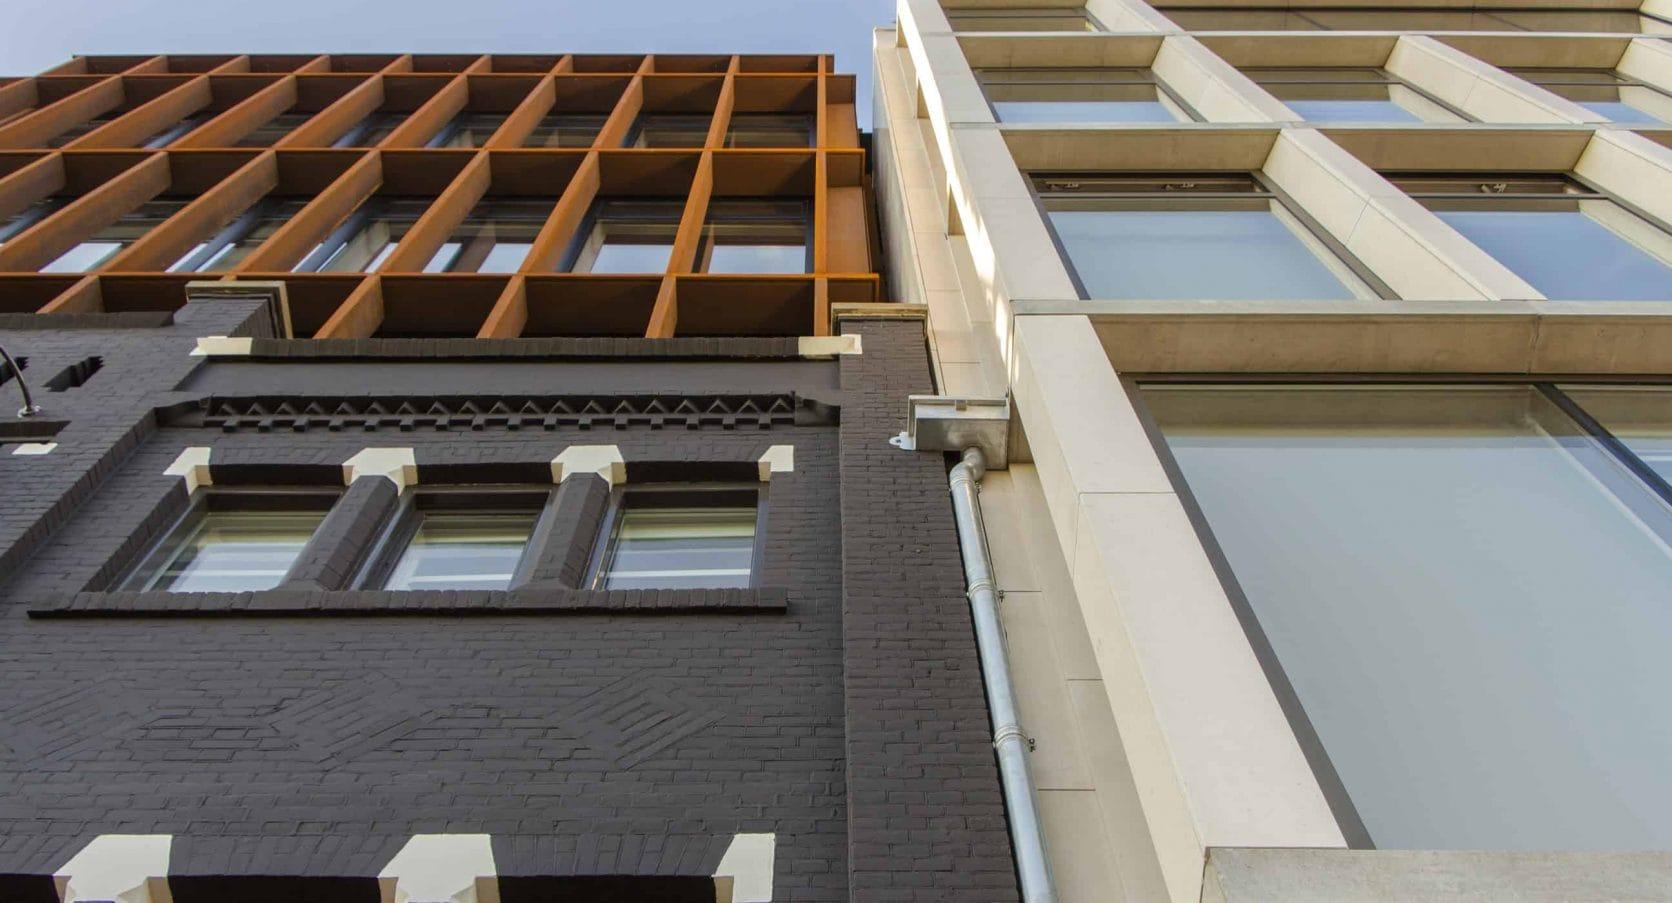 MD Flack gevel met cortenstaal voor hotelappartementen aan de DeRuyterkade in Amsterdam